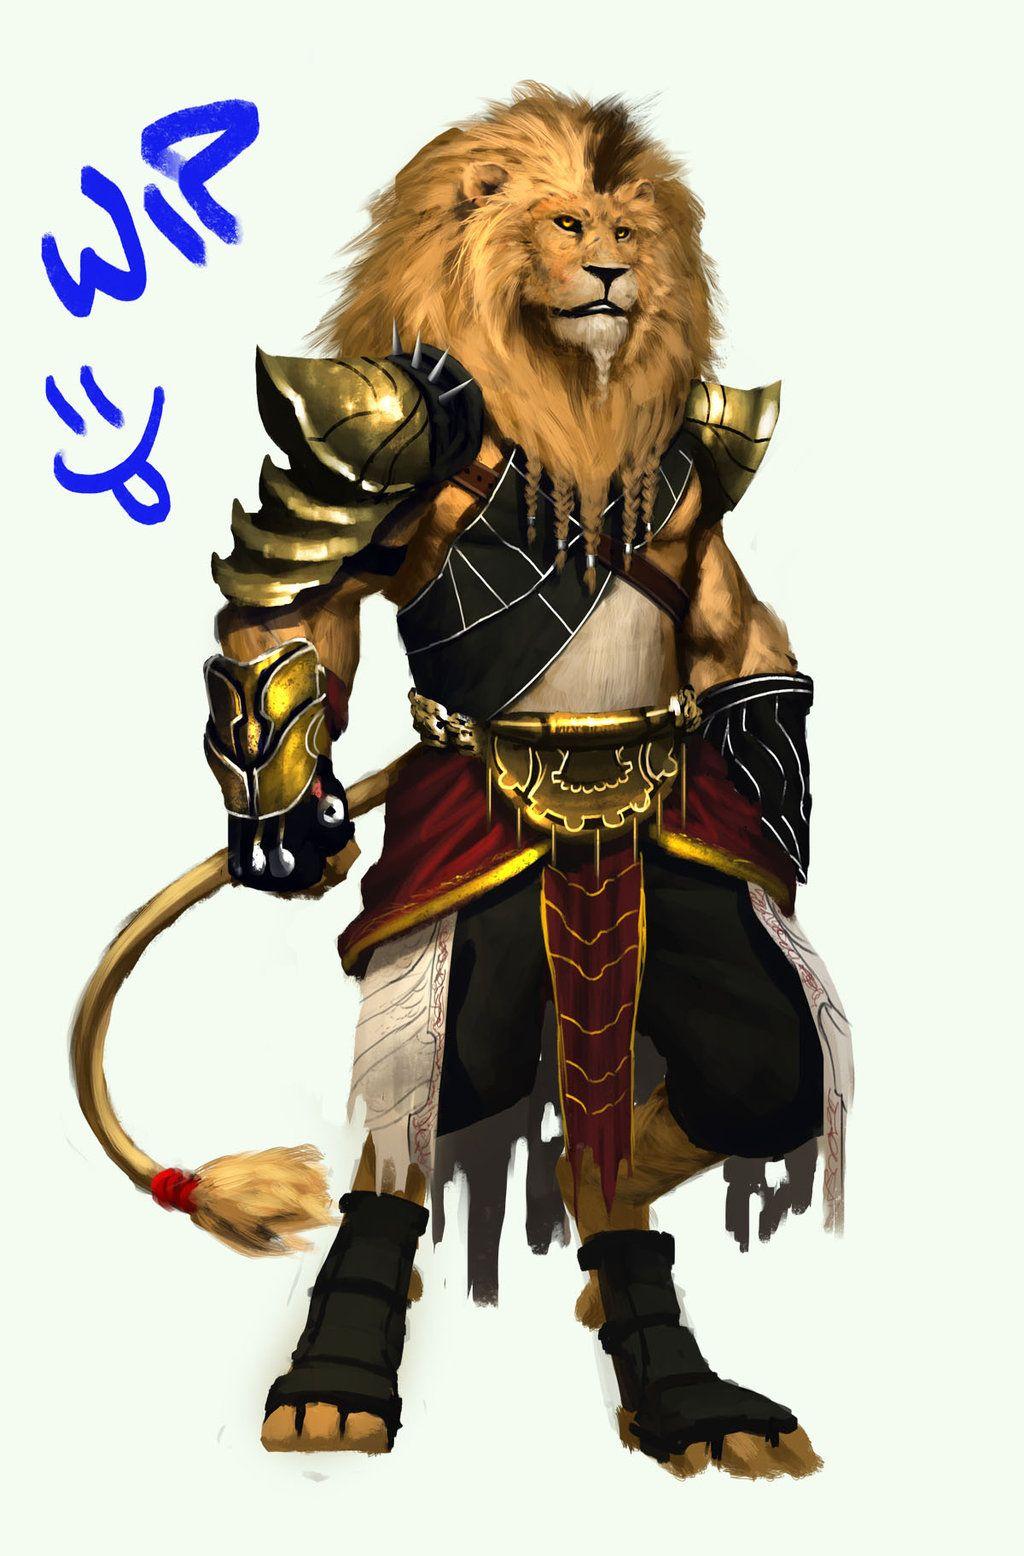 Lion warrior 1 ver 2 by orochi-spawn.deviantart.com on ...